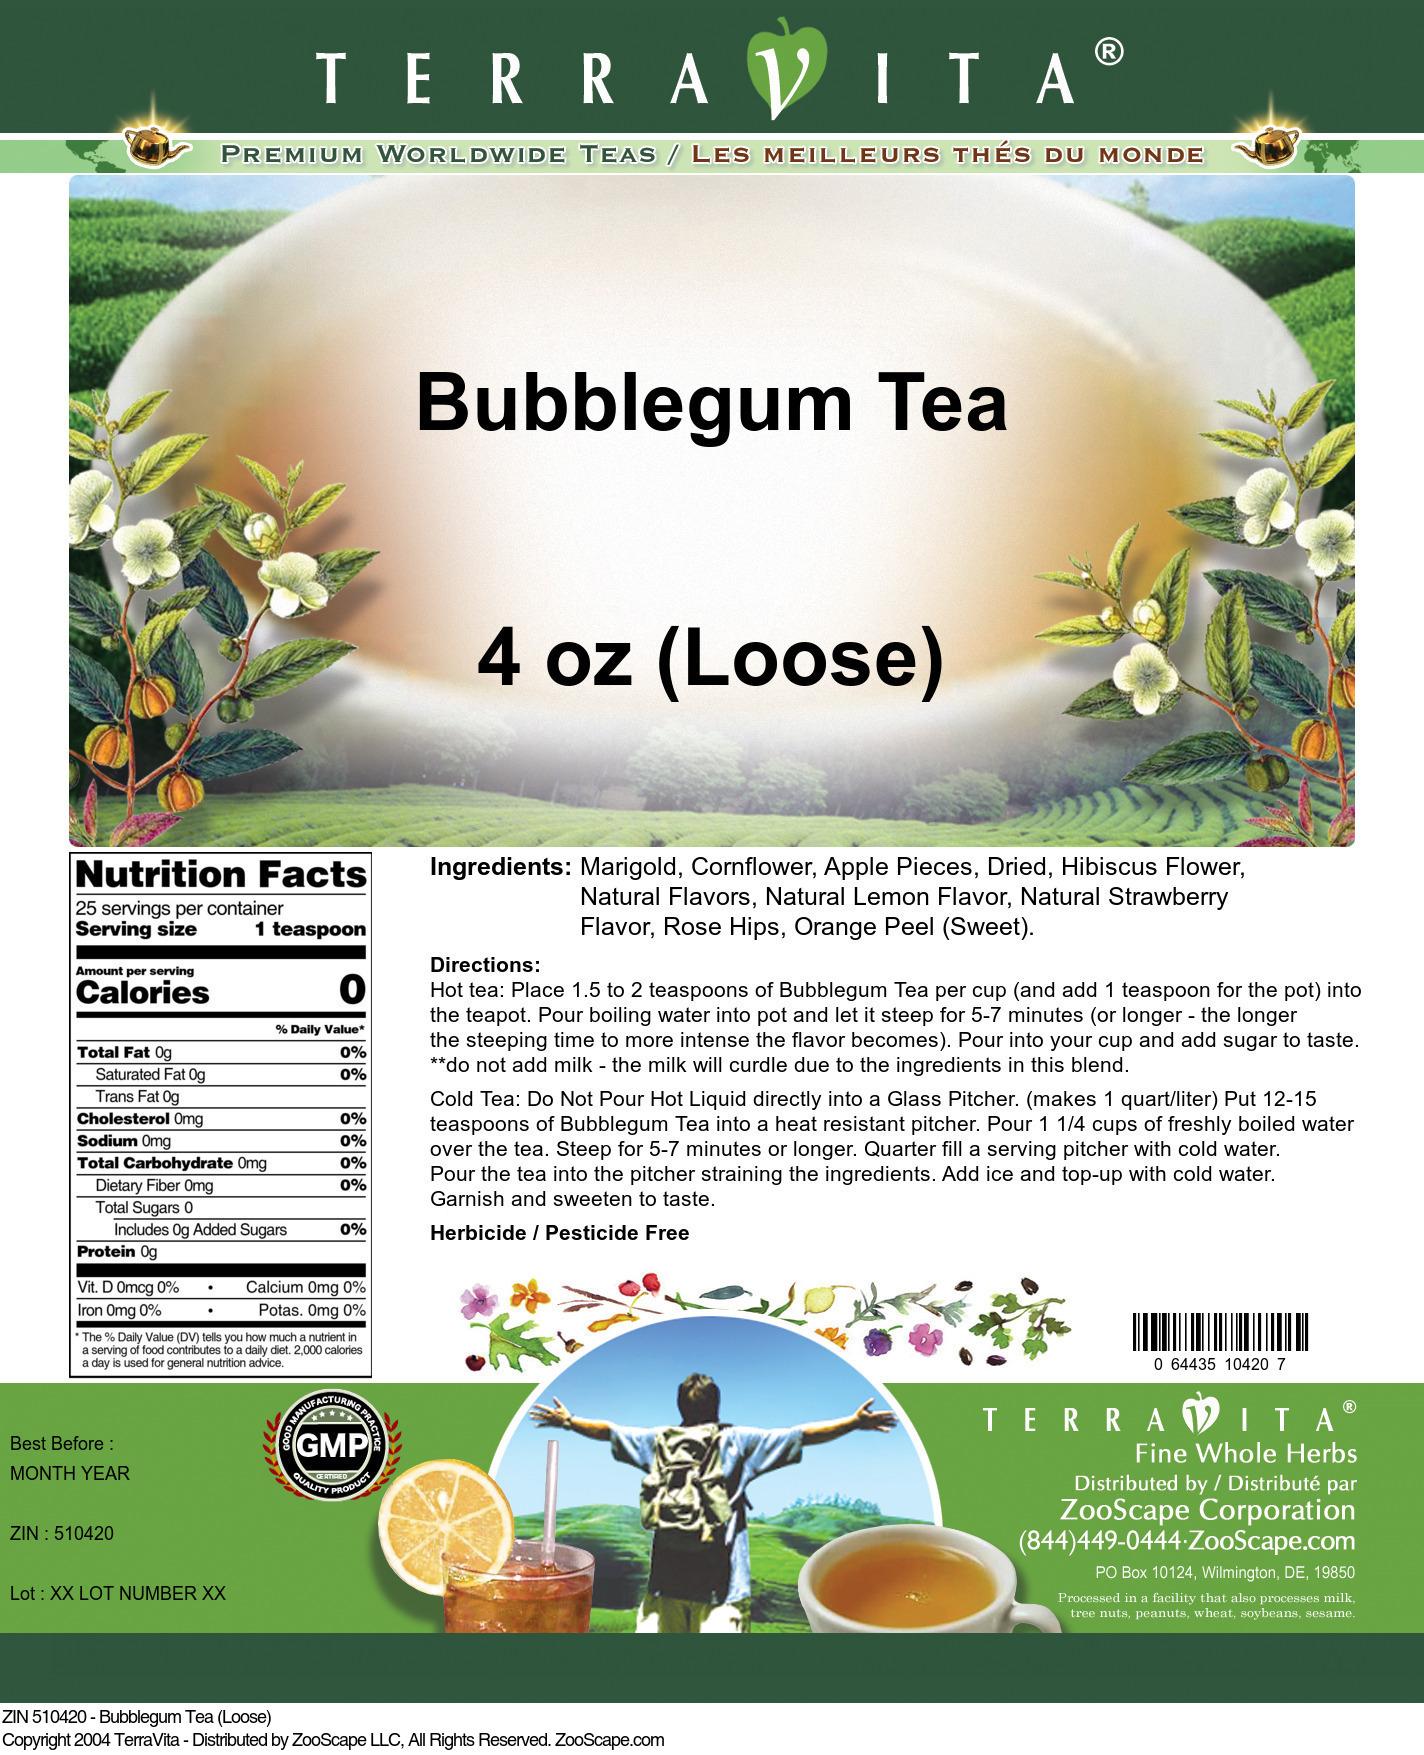 Bubblegum Tea (Loose) - Label